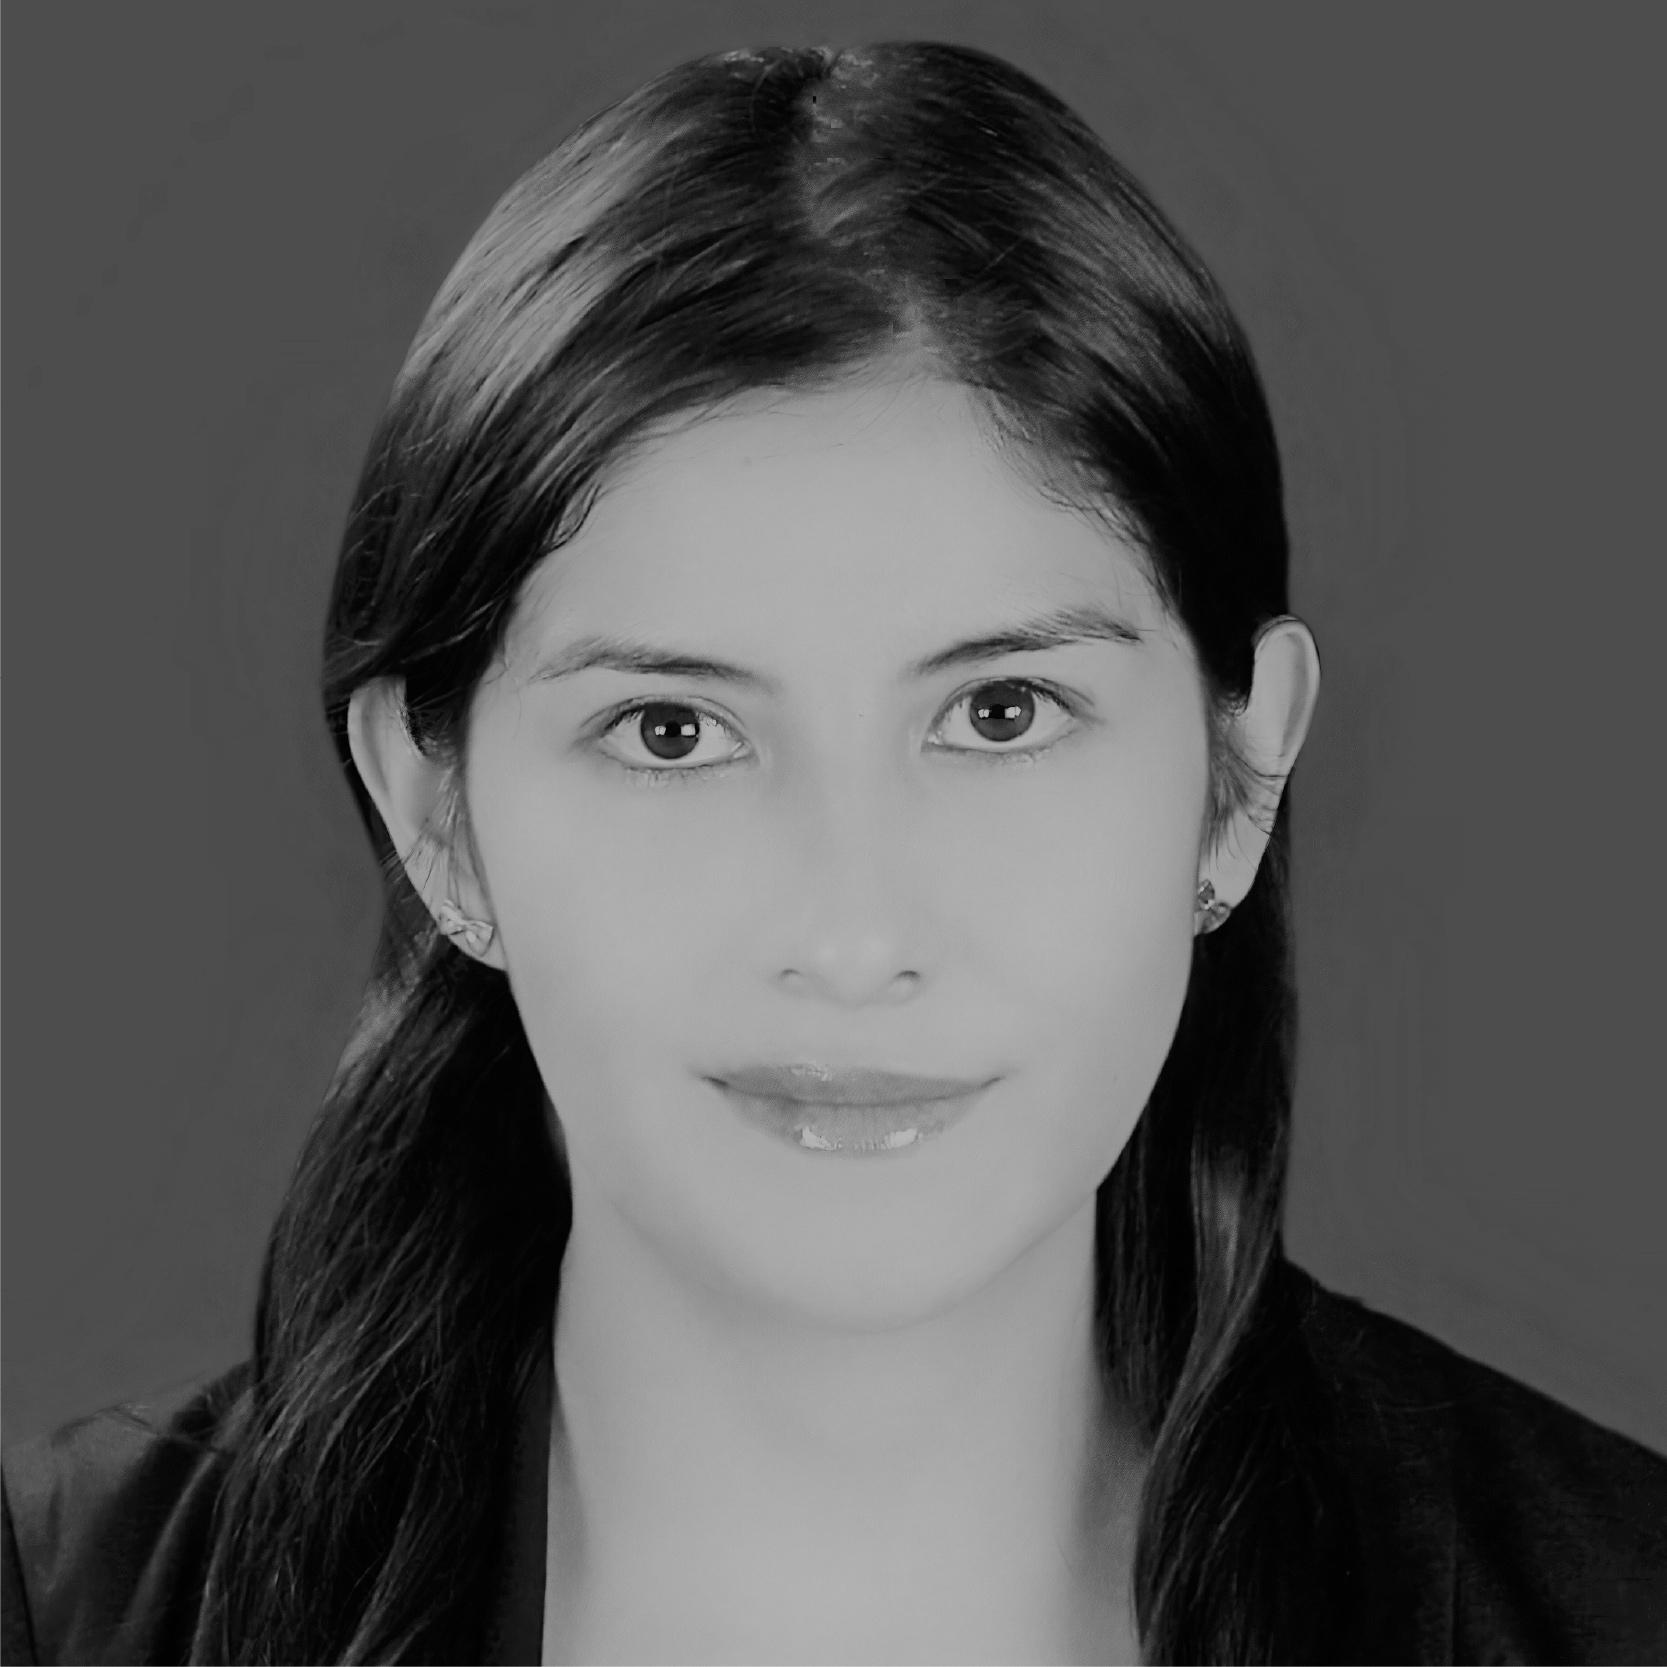 Denise Evelyn Canelas Santiesteban